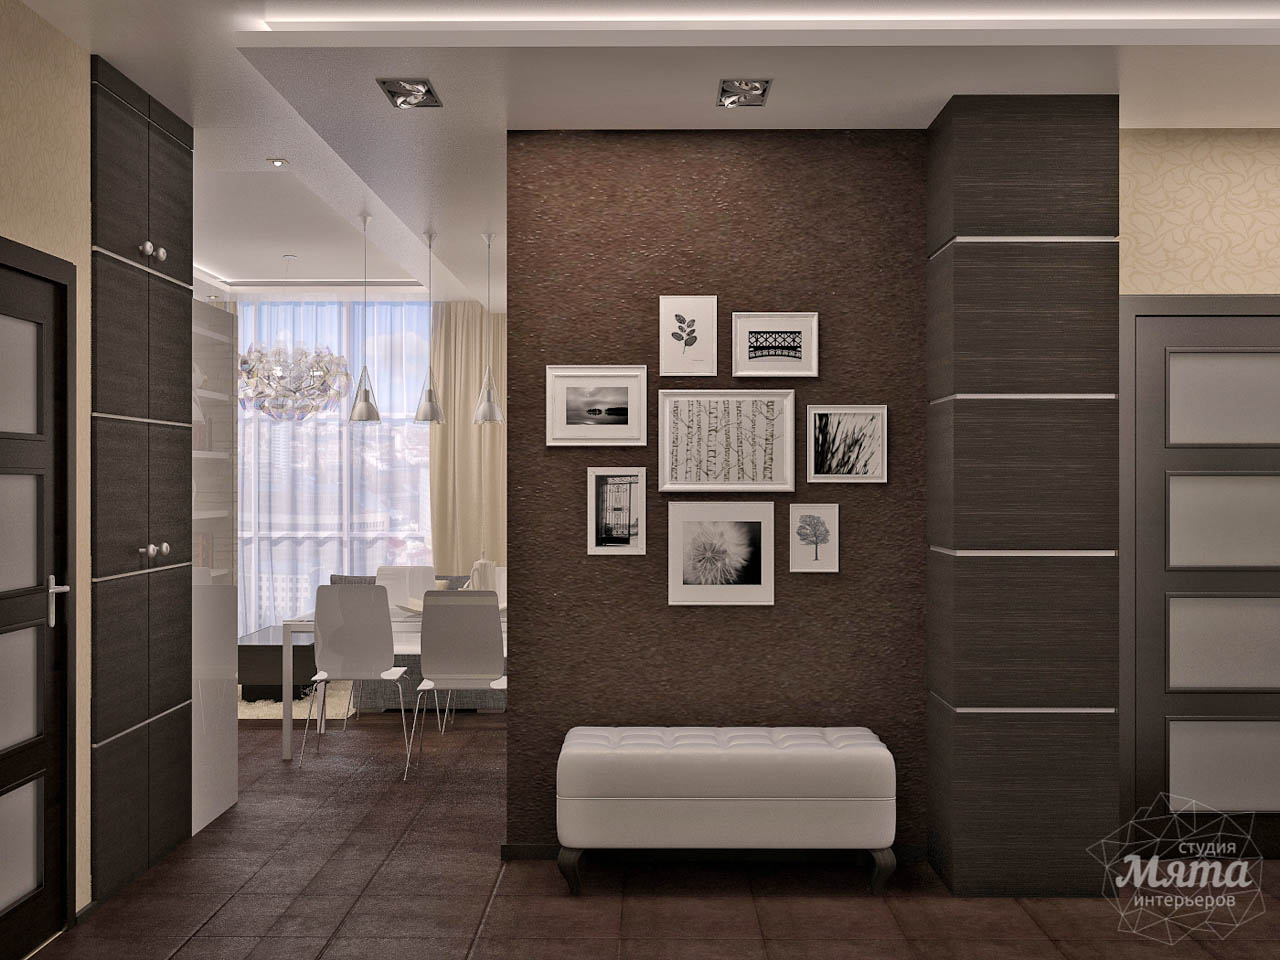 Дизайн интерьера трехкомнатной квартиры по ул. Папанина 18 img195610559